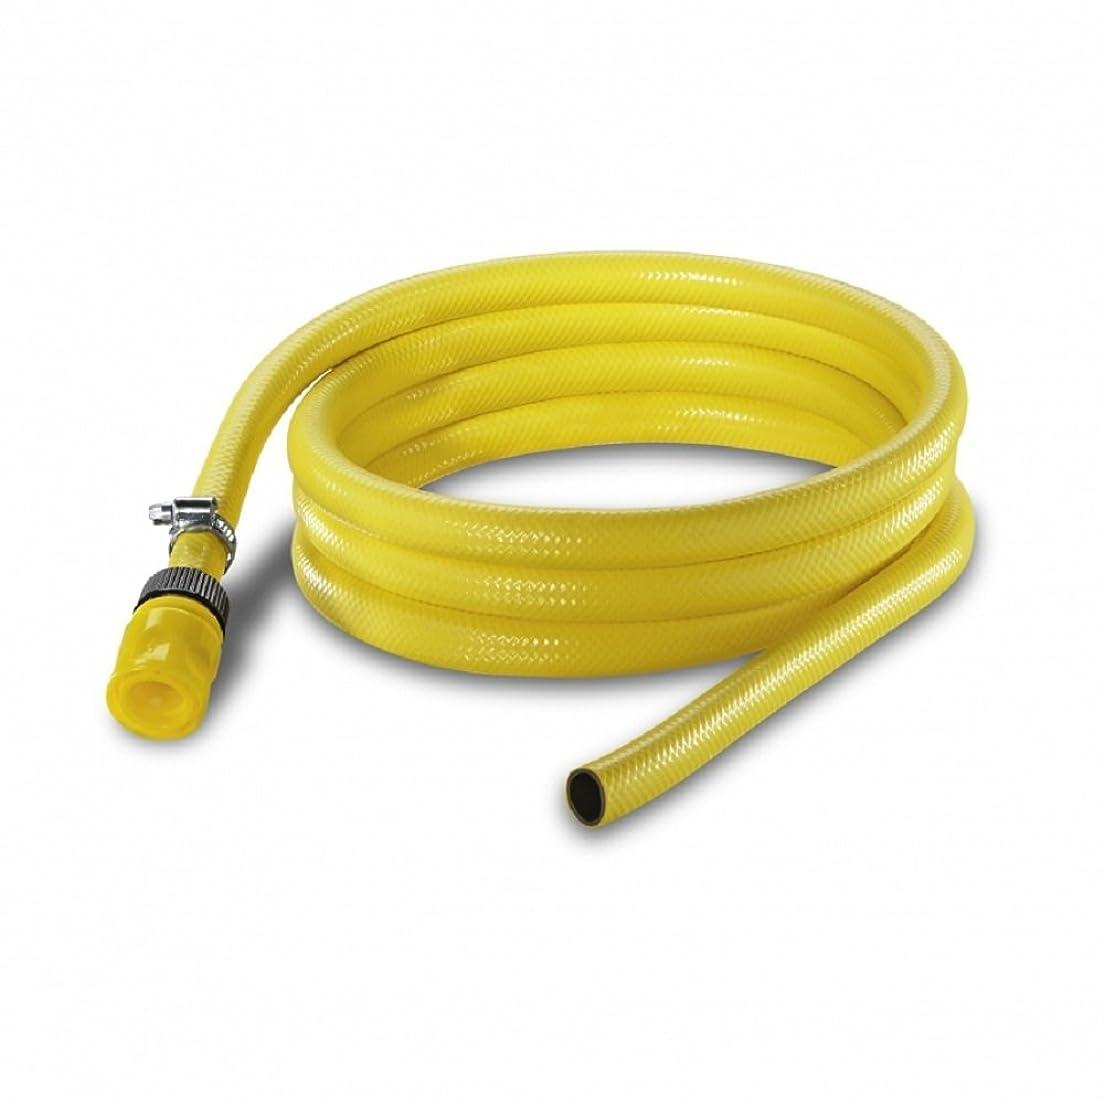 KARCHER(ケルヒャー) 高圧洗浄機用 3m 水道ホース 9.548-669.0